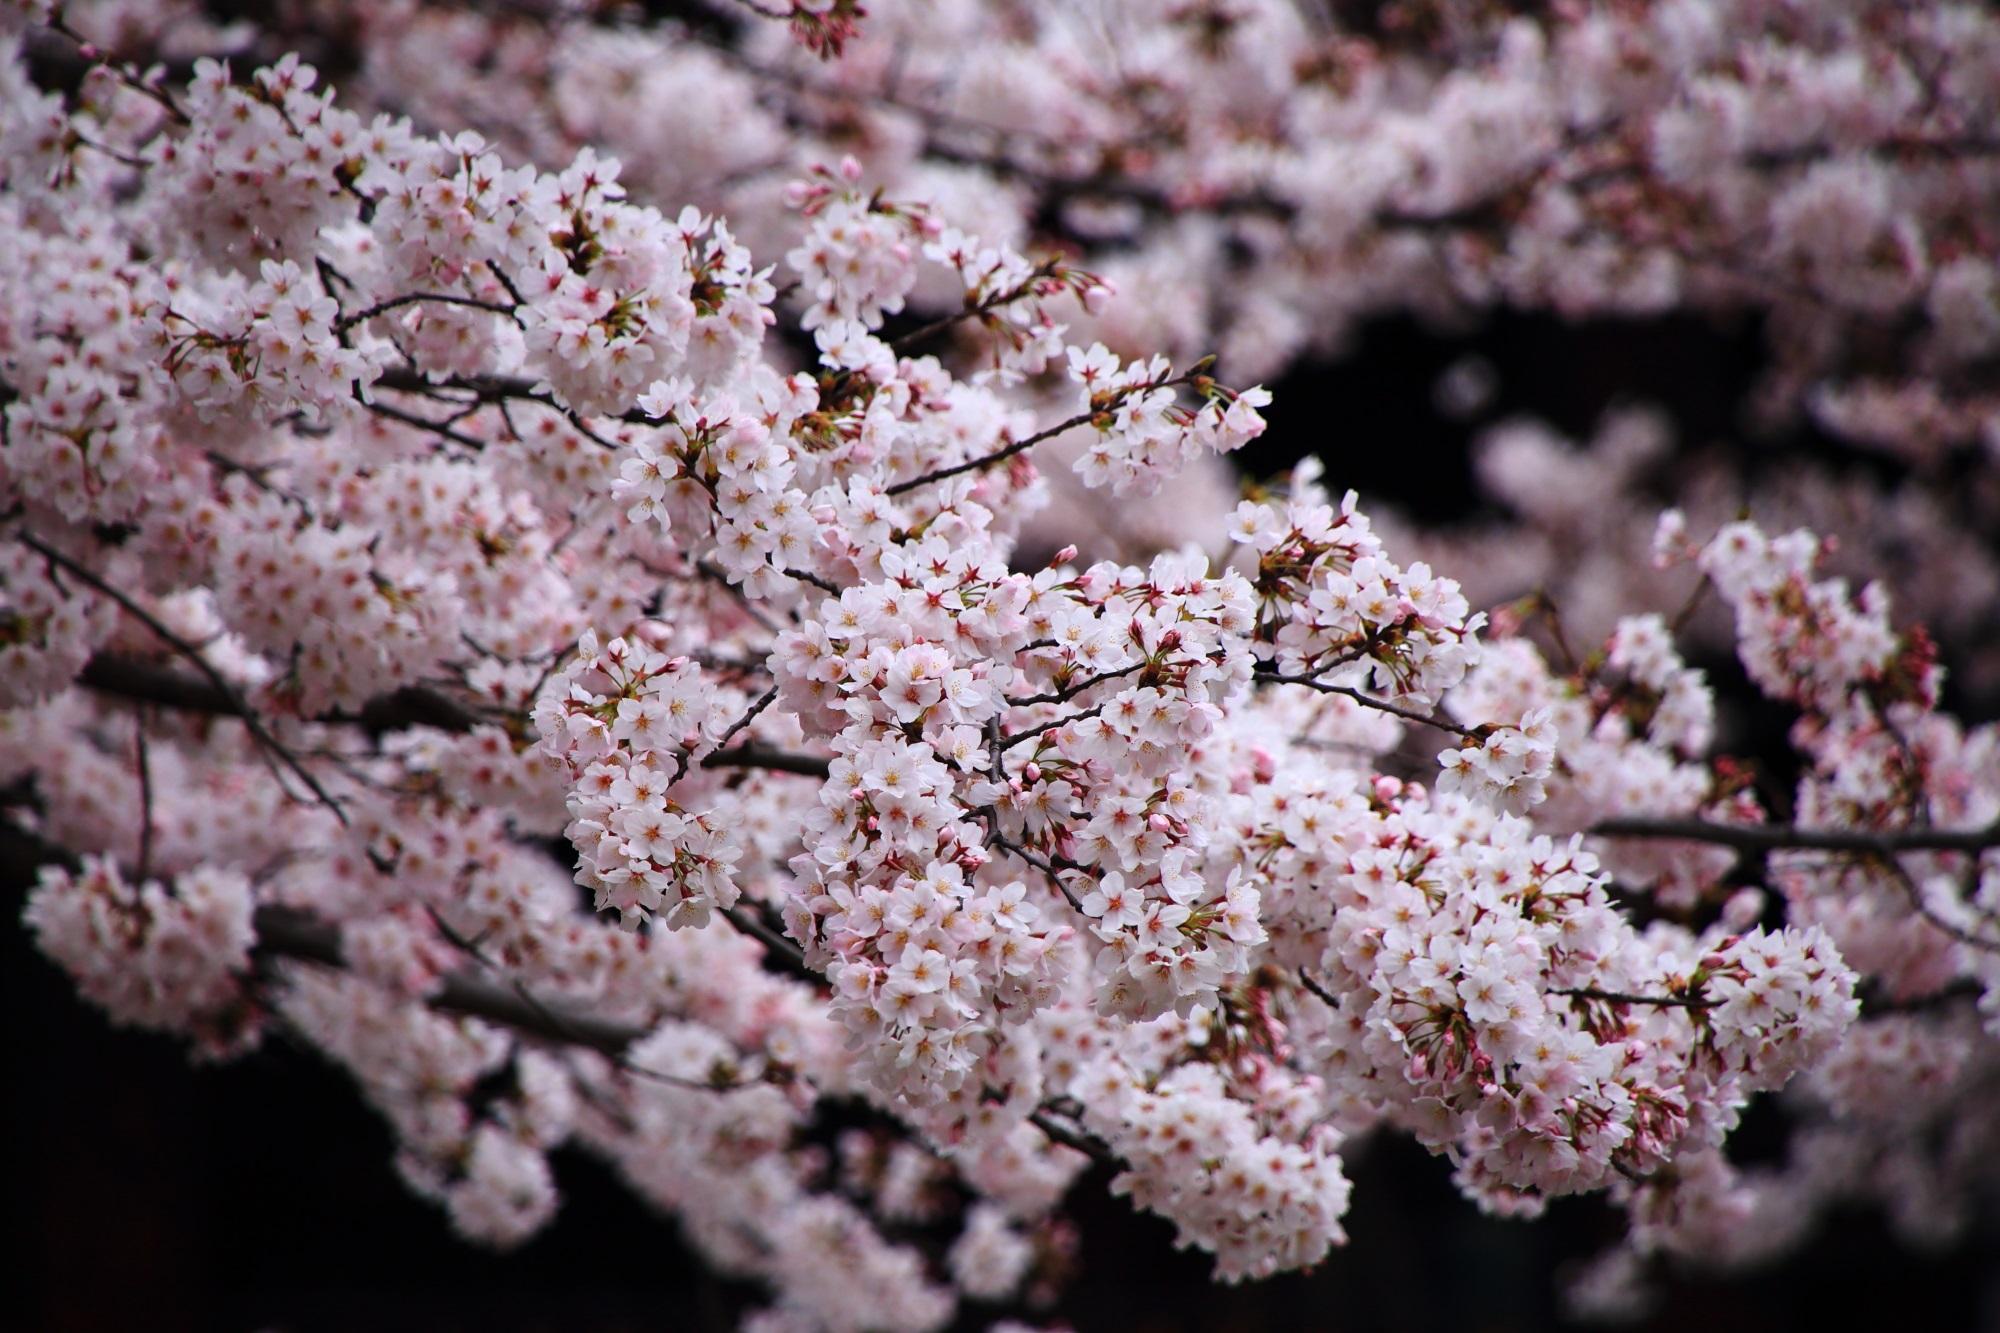 花をいっぱいにつけて弾けんばかりに咲き誇る満開の桜